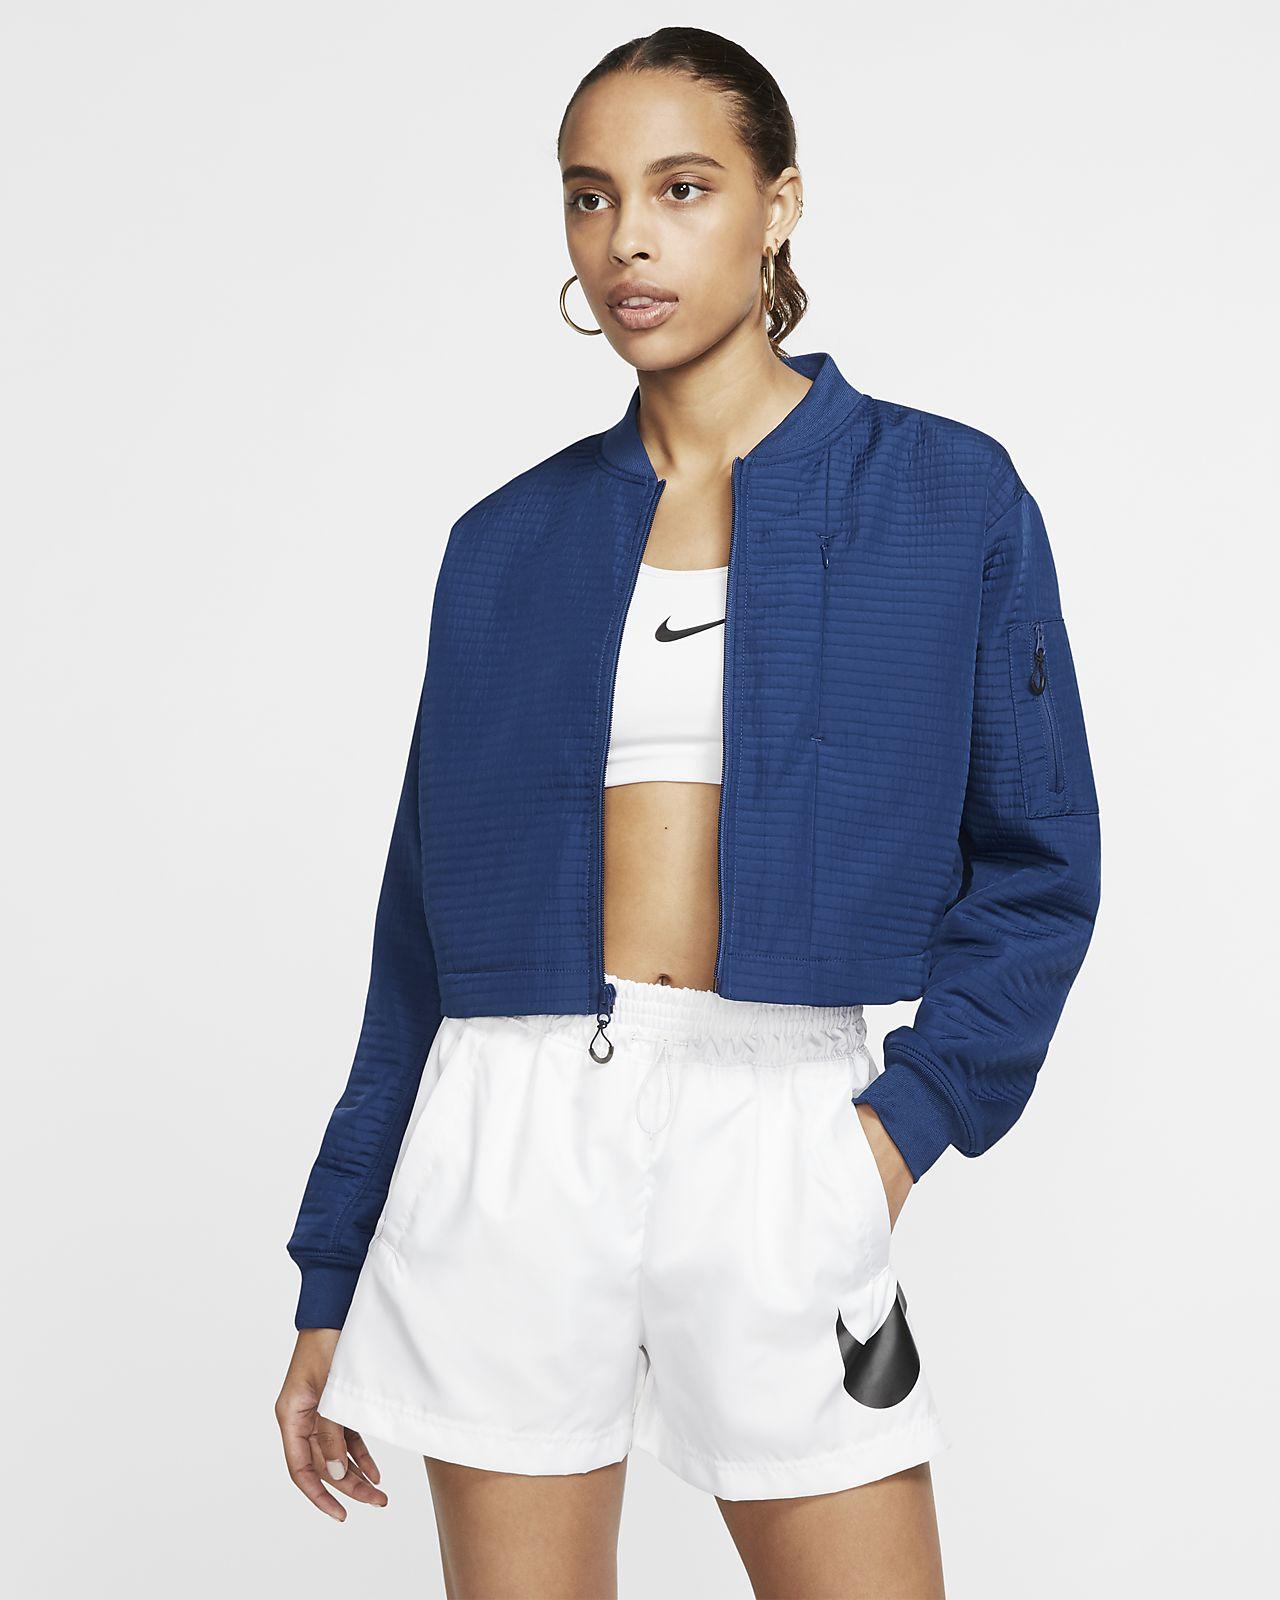 เสื้อแจ็คเก็ตบอมเบอร์ผู้หญิง Nike Sportswear Tech Pack